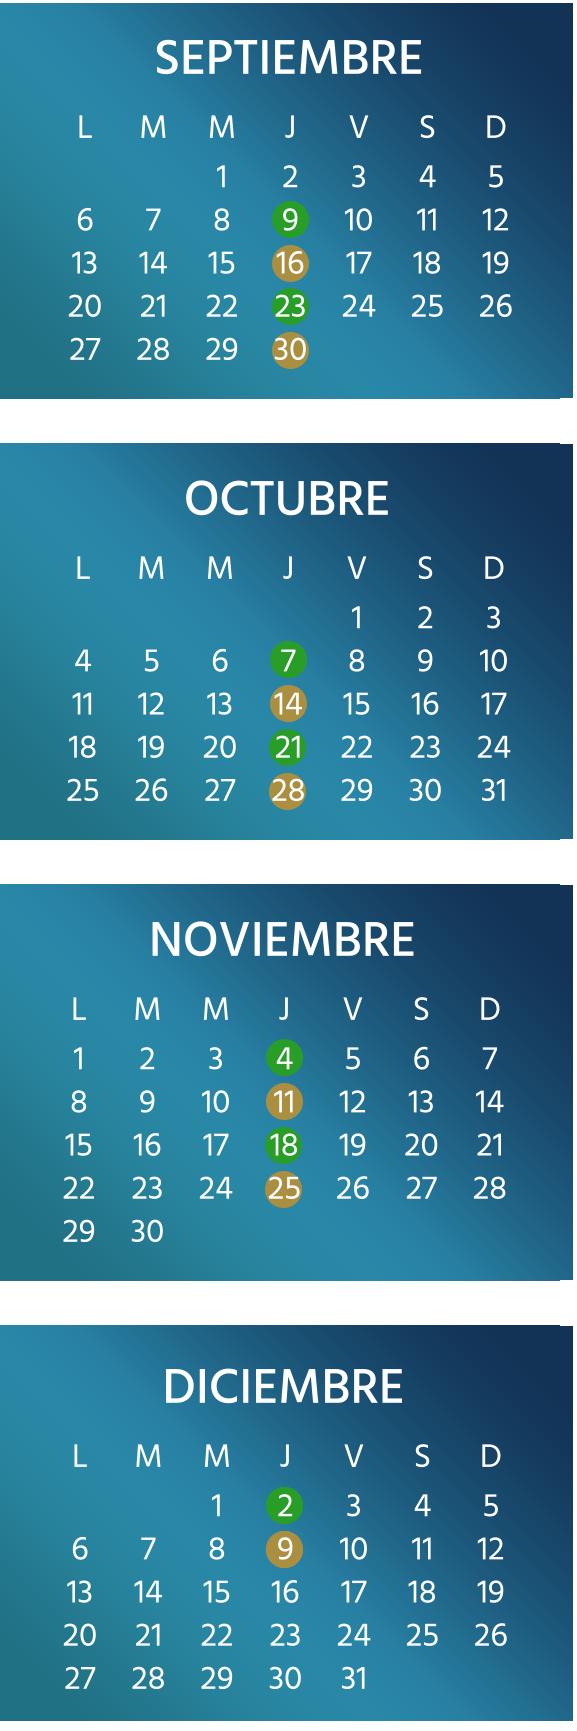 Calendario de septiembre a diciembre de 2021